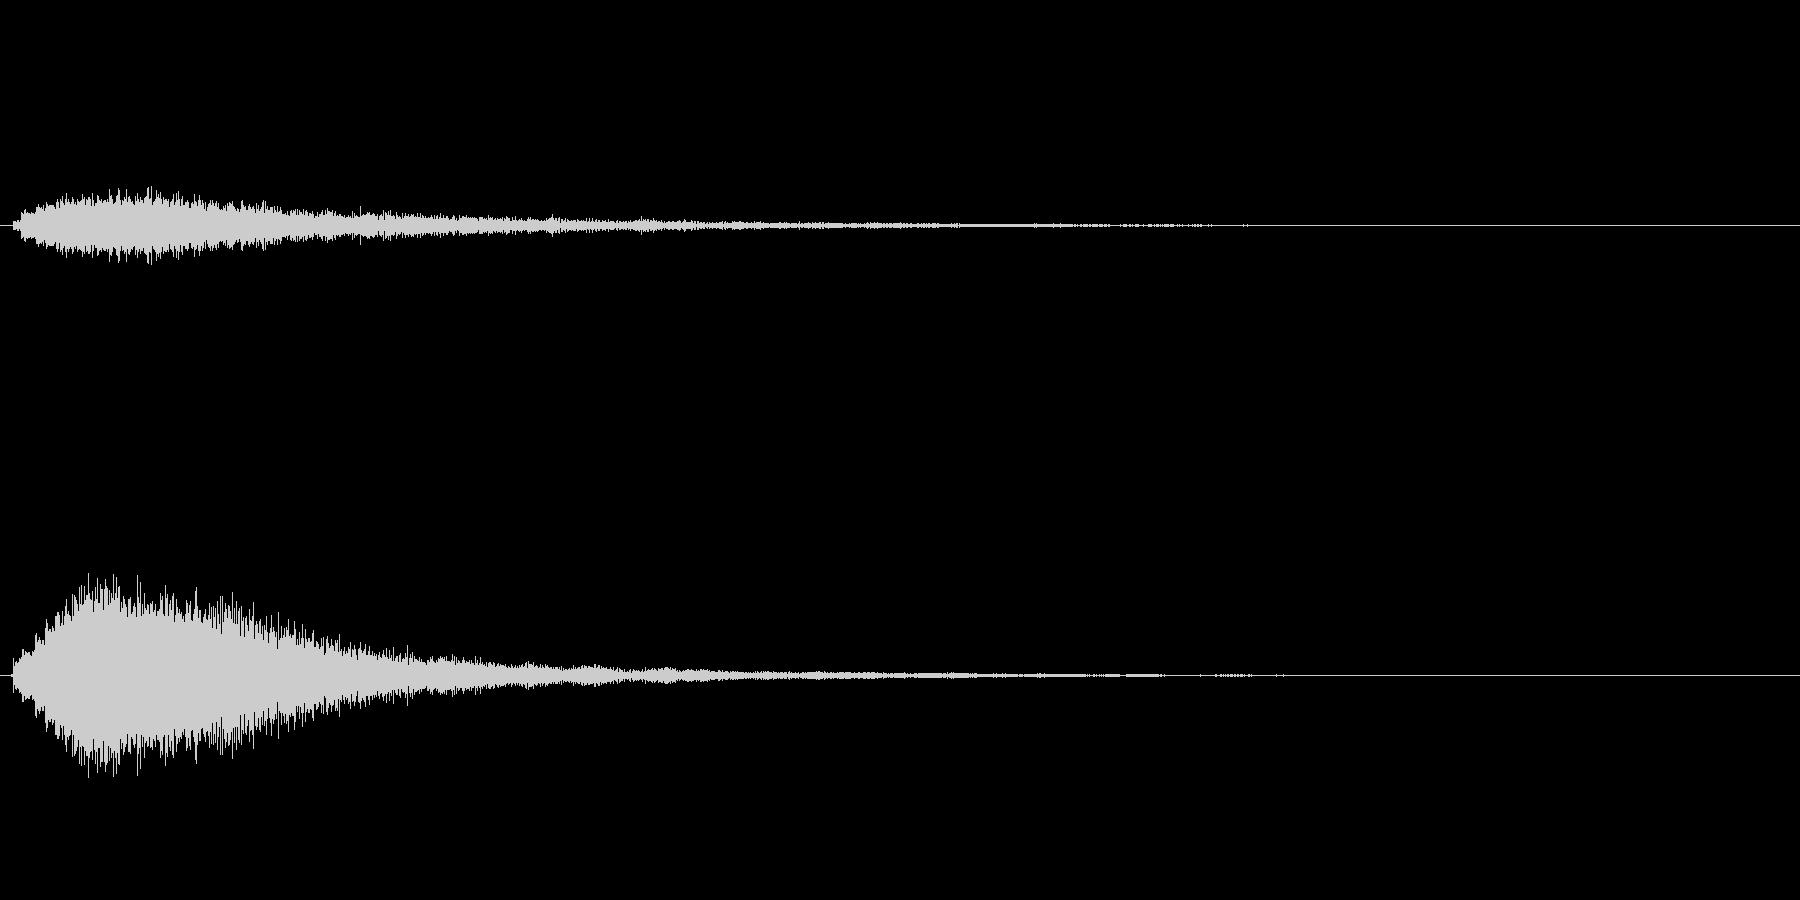 キラキラ系_035の未再生の波形